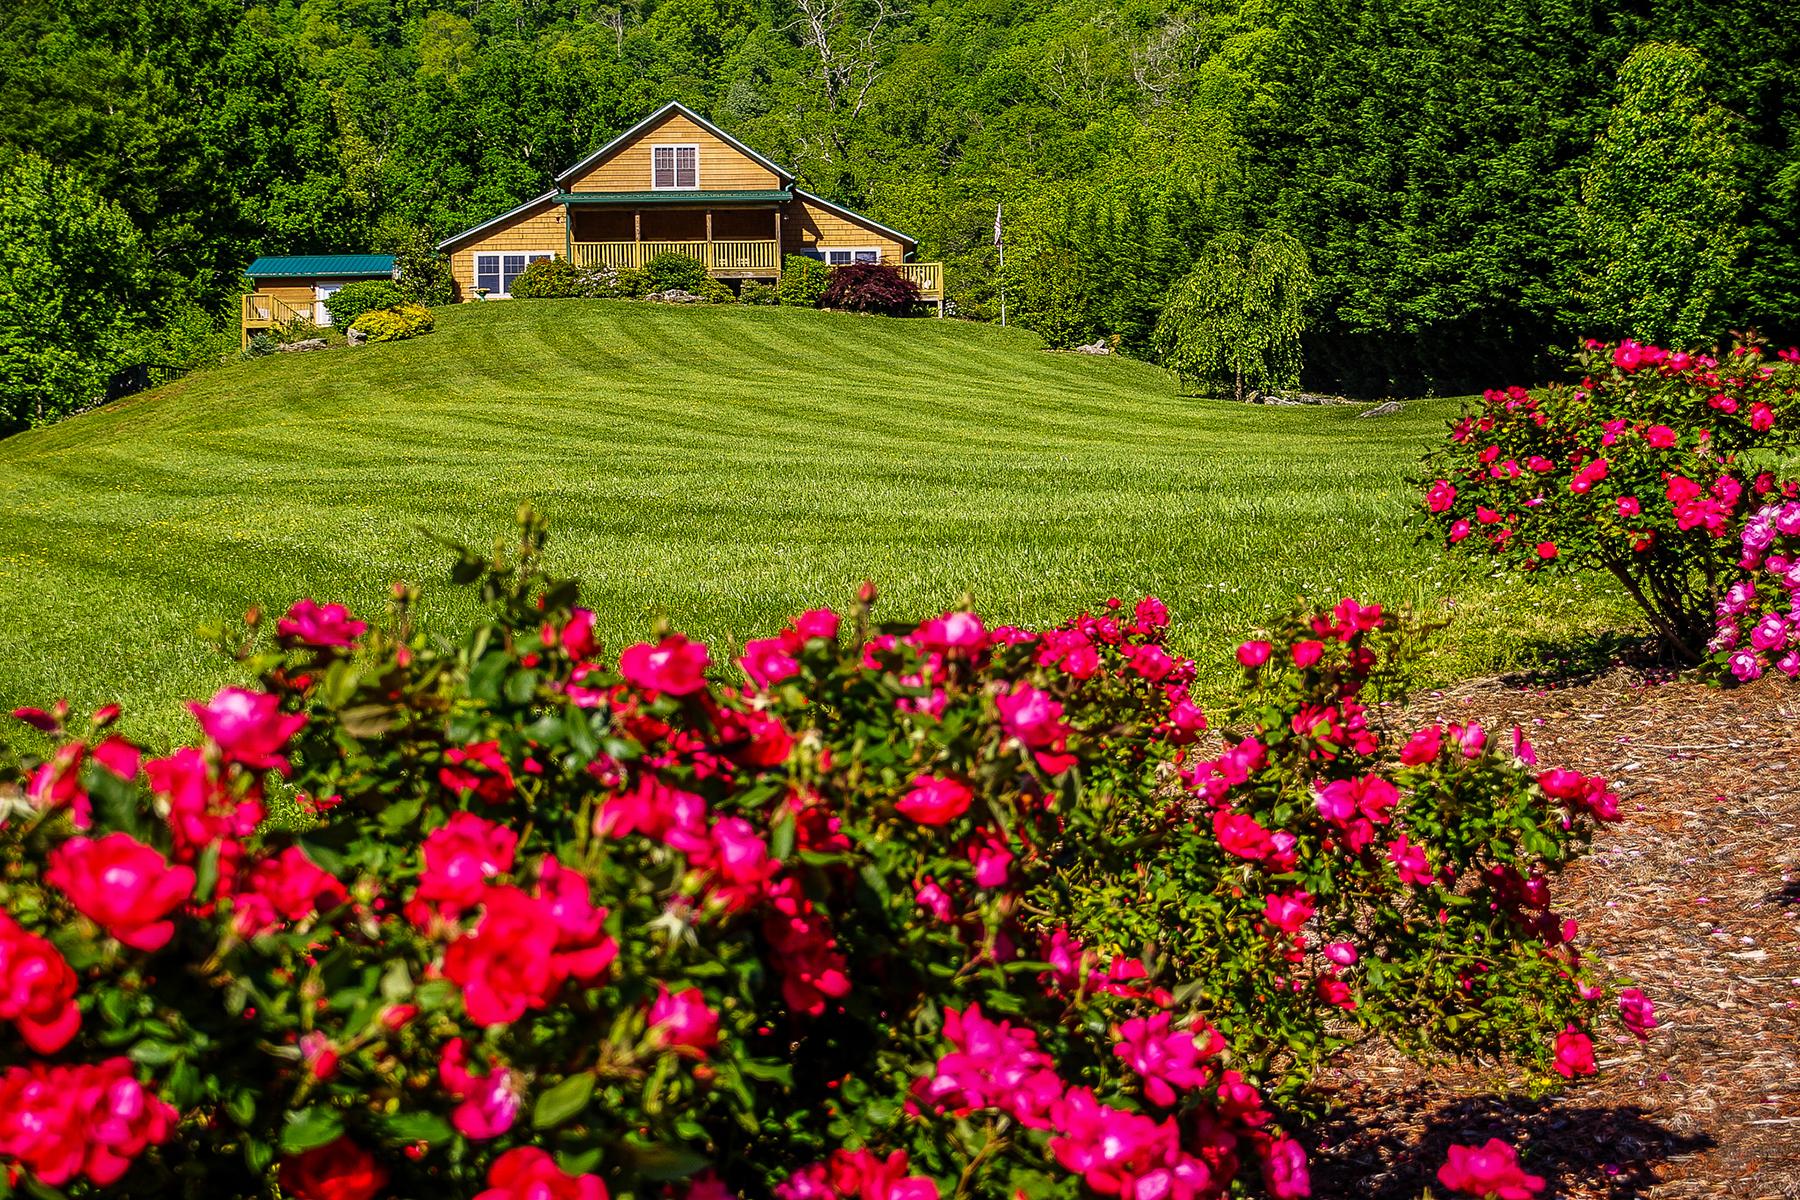 Single Family Homes for Active at CANTON 76 Sugarbush Ln Canton, North Carolina 28716 United States